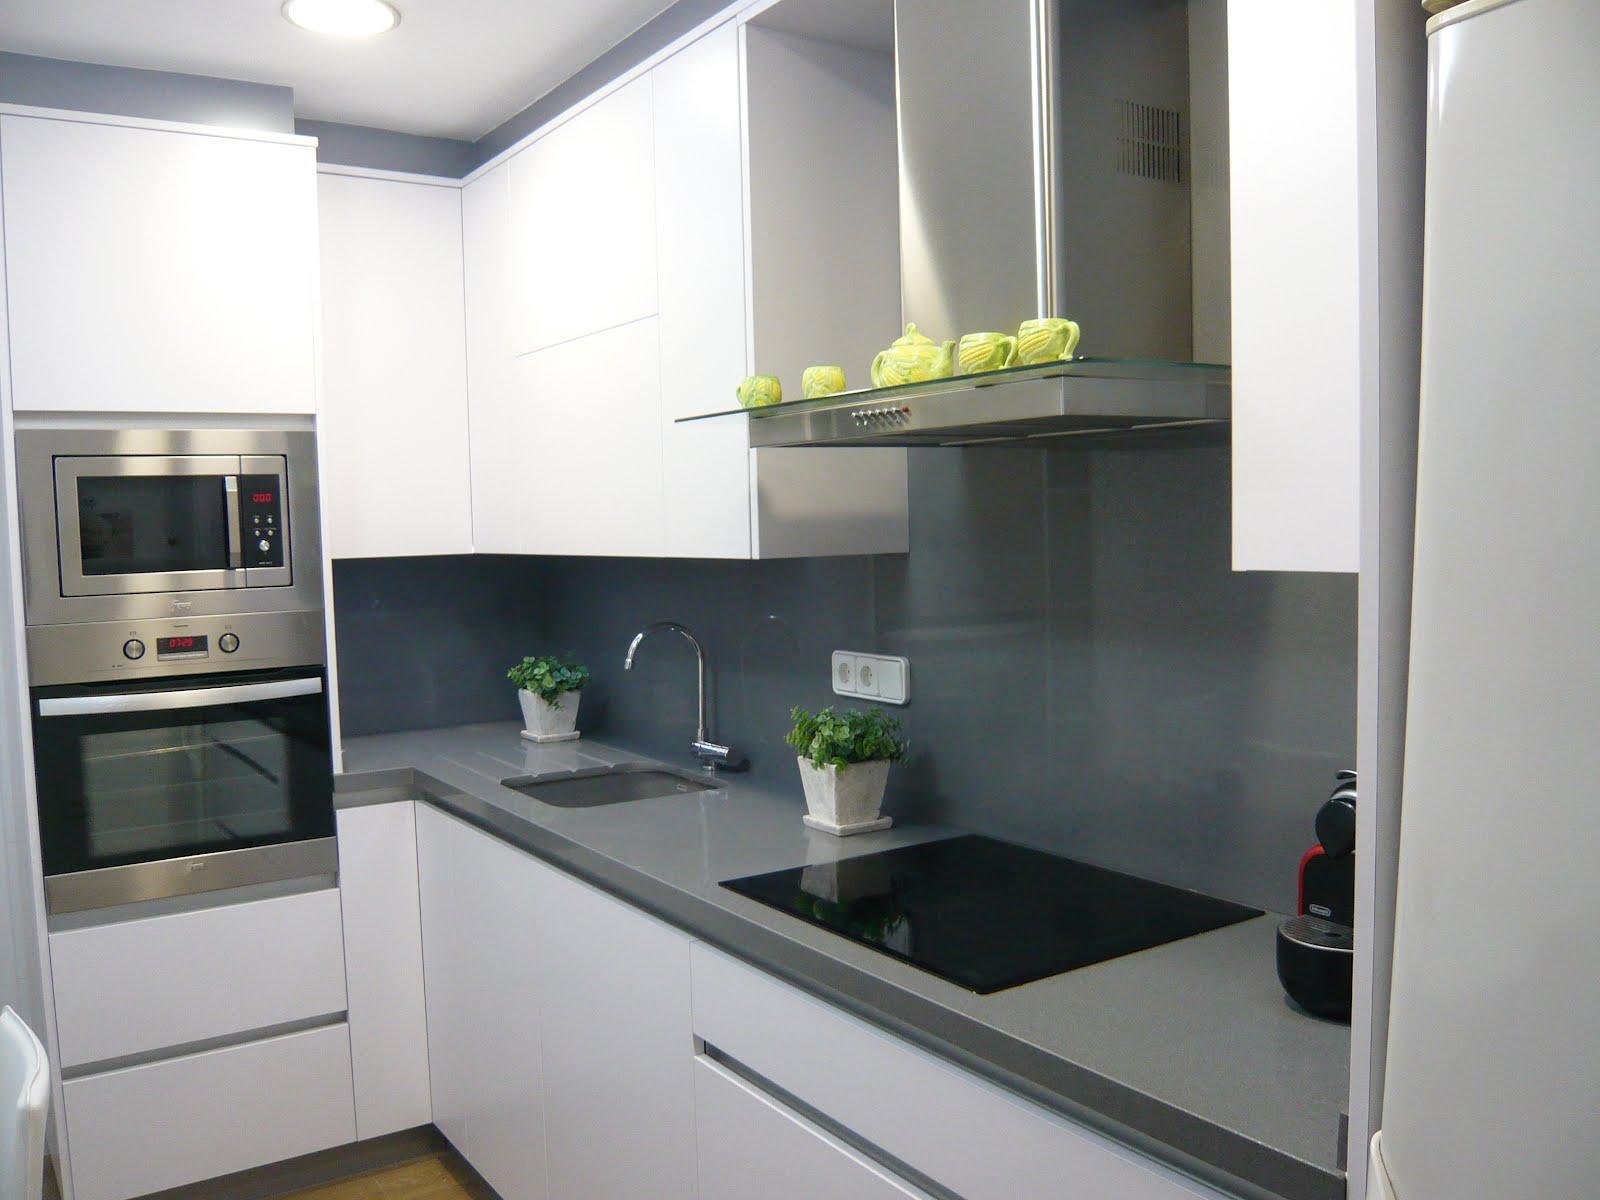 Reuscuina muebles de cocina con gola integrado sin tiradores - Cocina sin tiradores ...